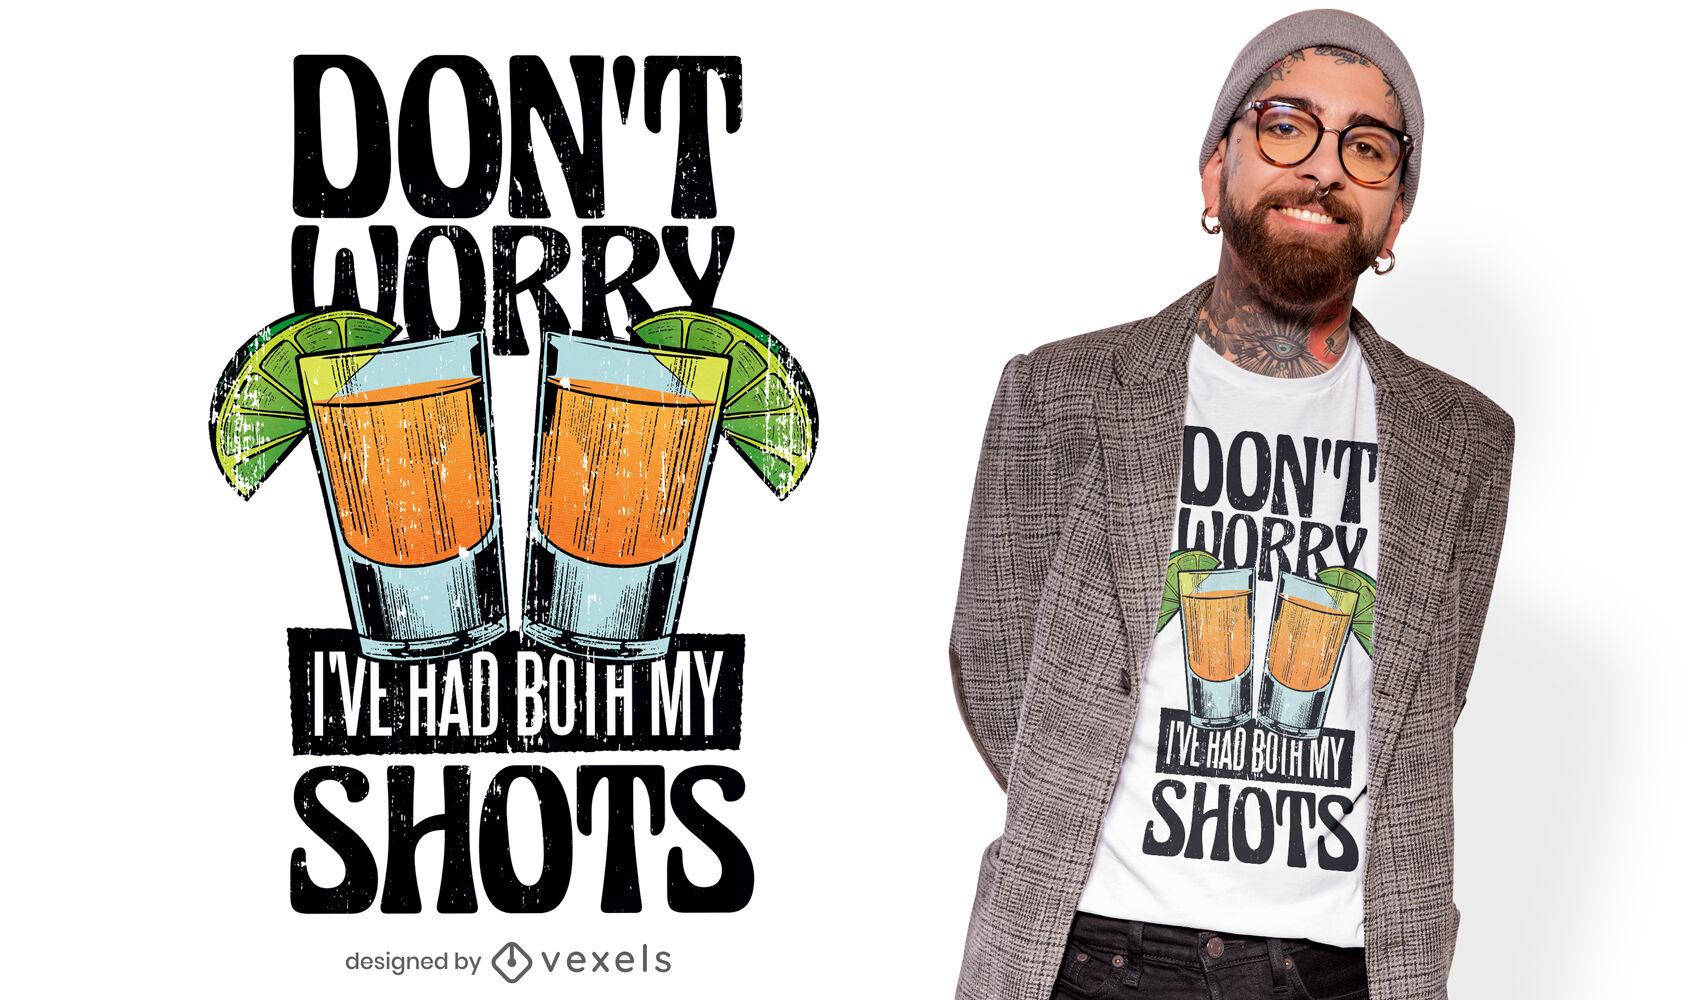 Dise?o de camiseta divertida cita bebiendo vacuna